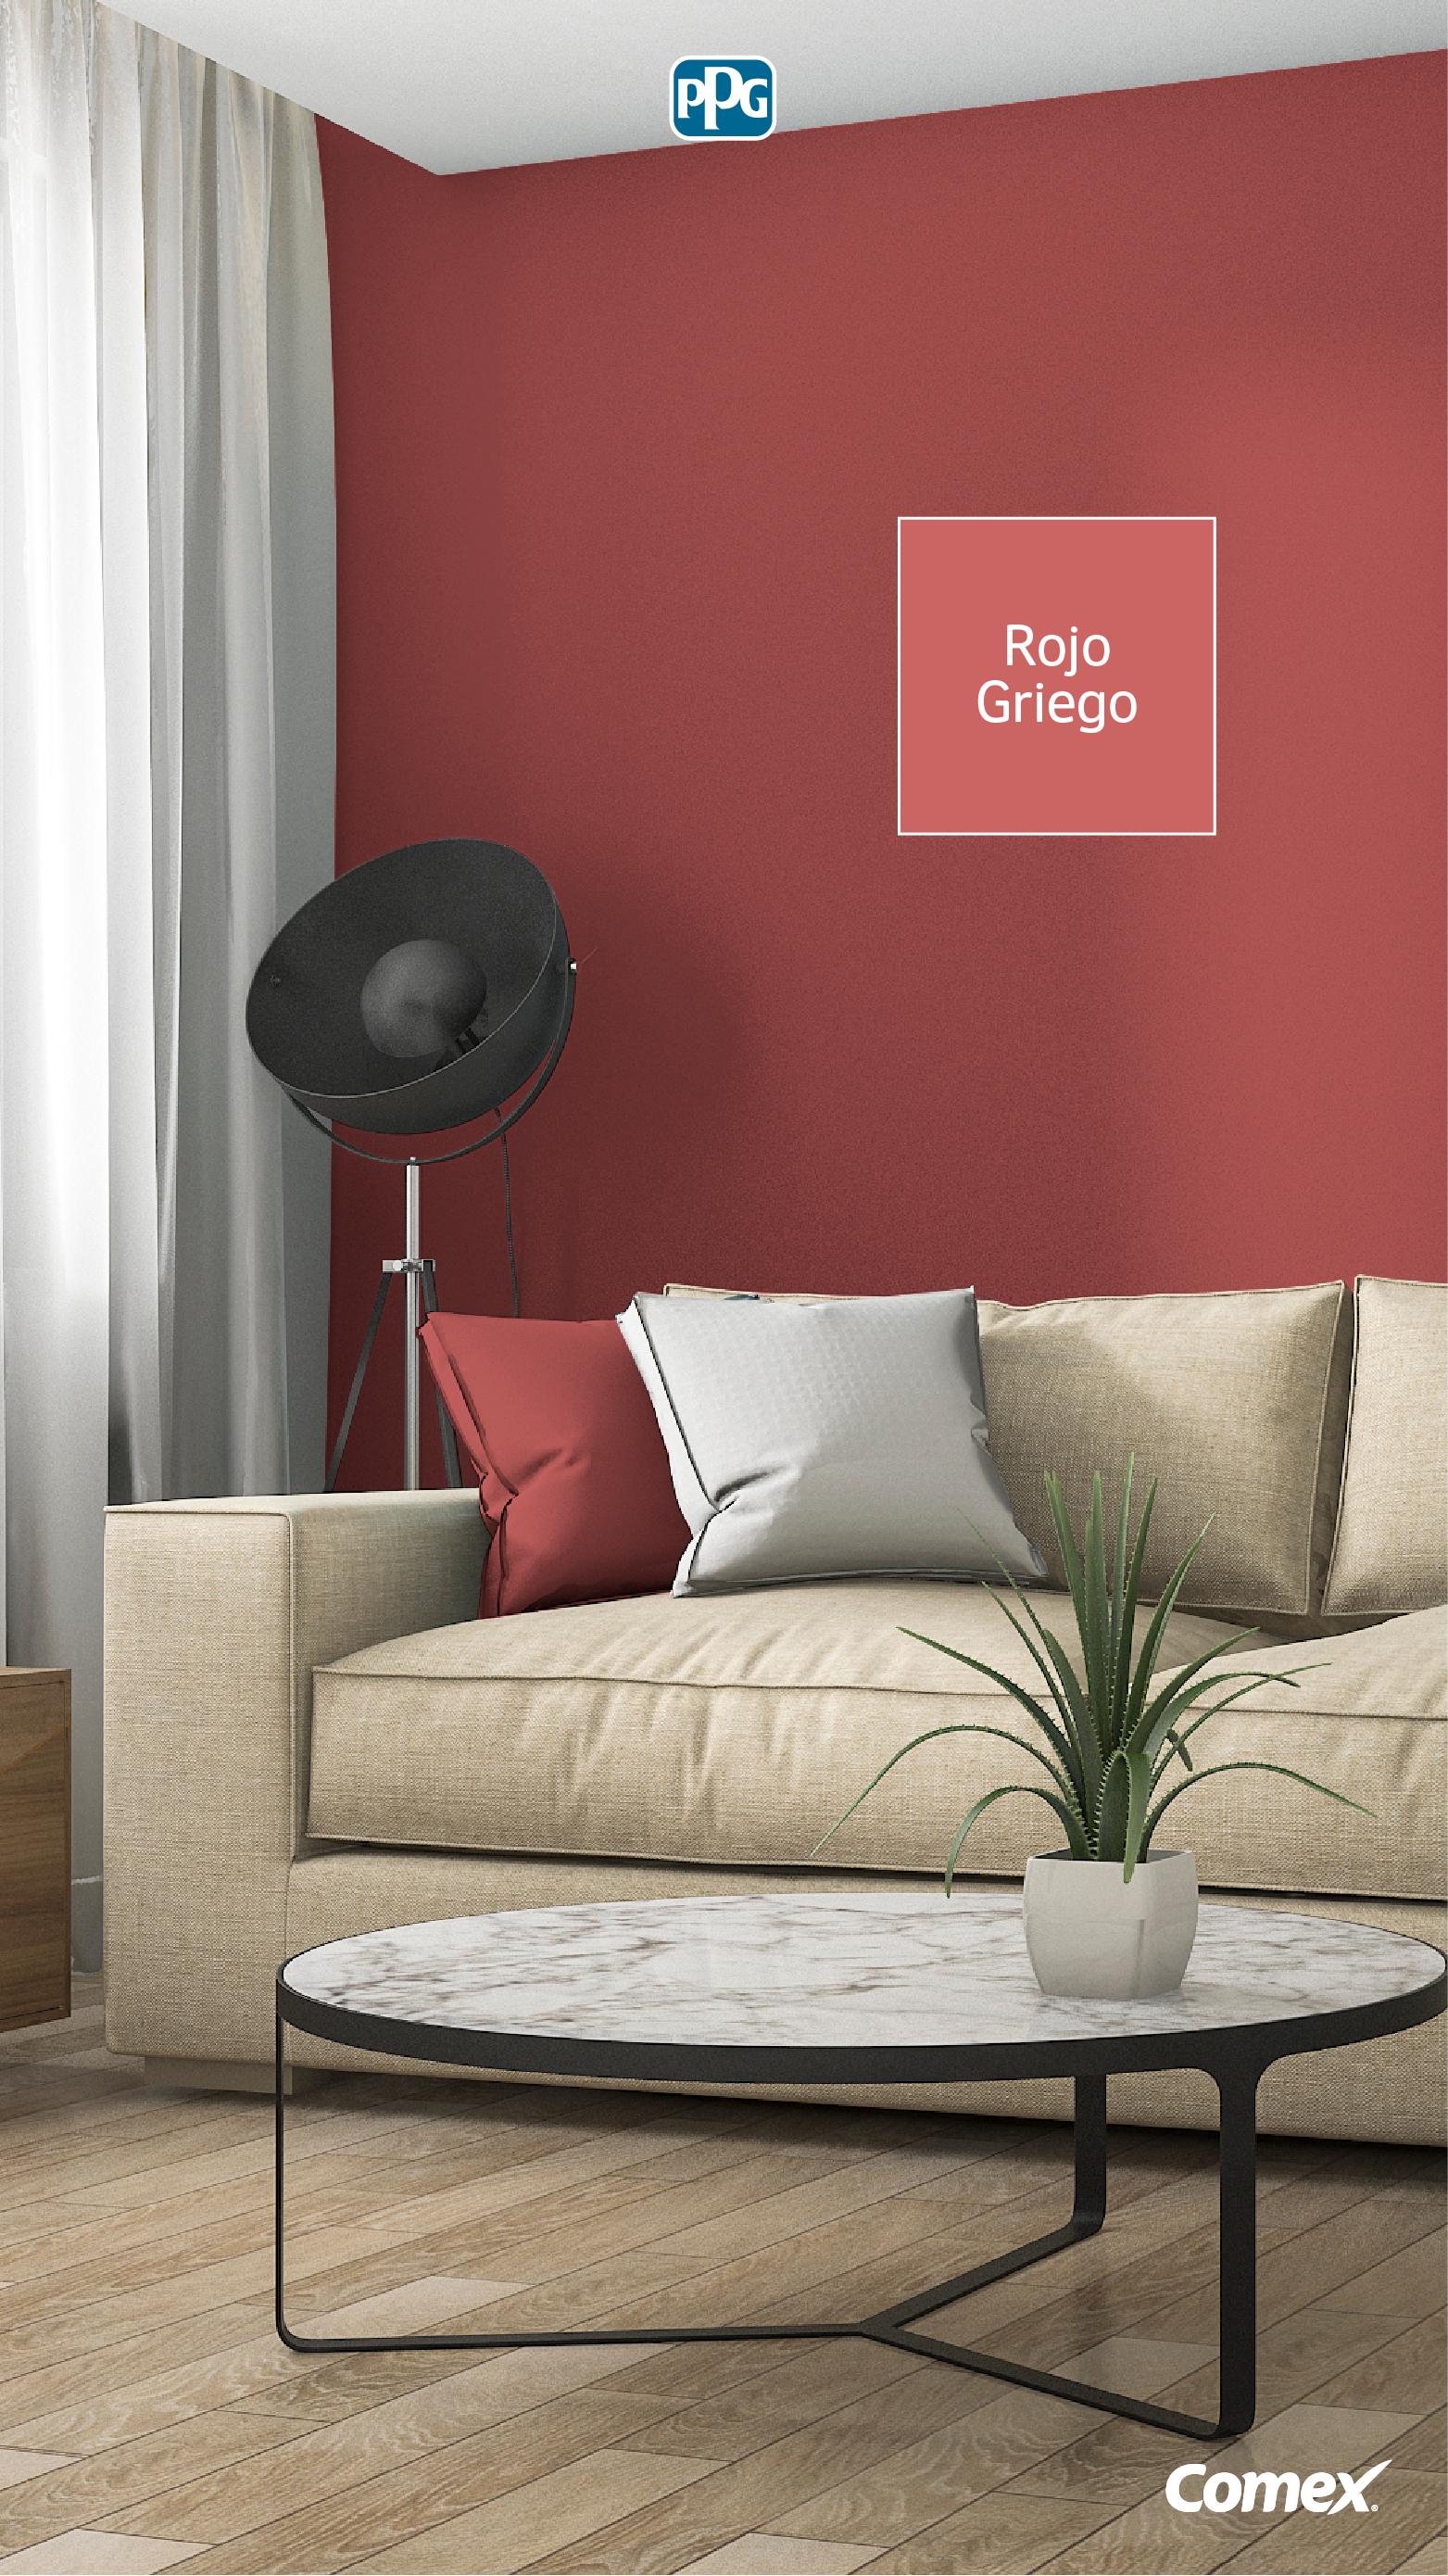 Rojo Griego Es Un Color De Linea De Durex Master Perfecto Para Darle Un Nuevo Ai Colores De Pintura De Interior Colores De Interiores Pintura De Interiores